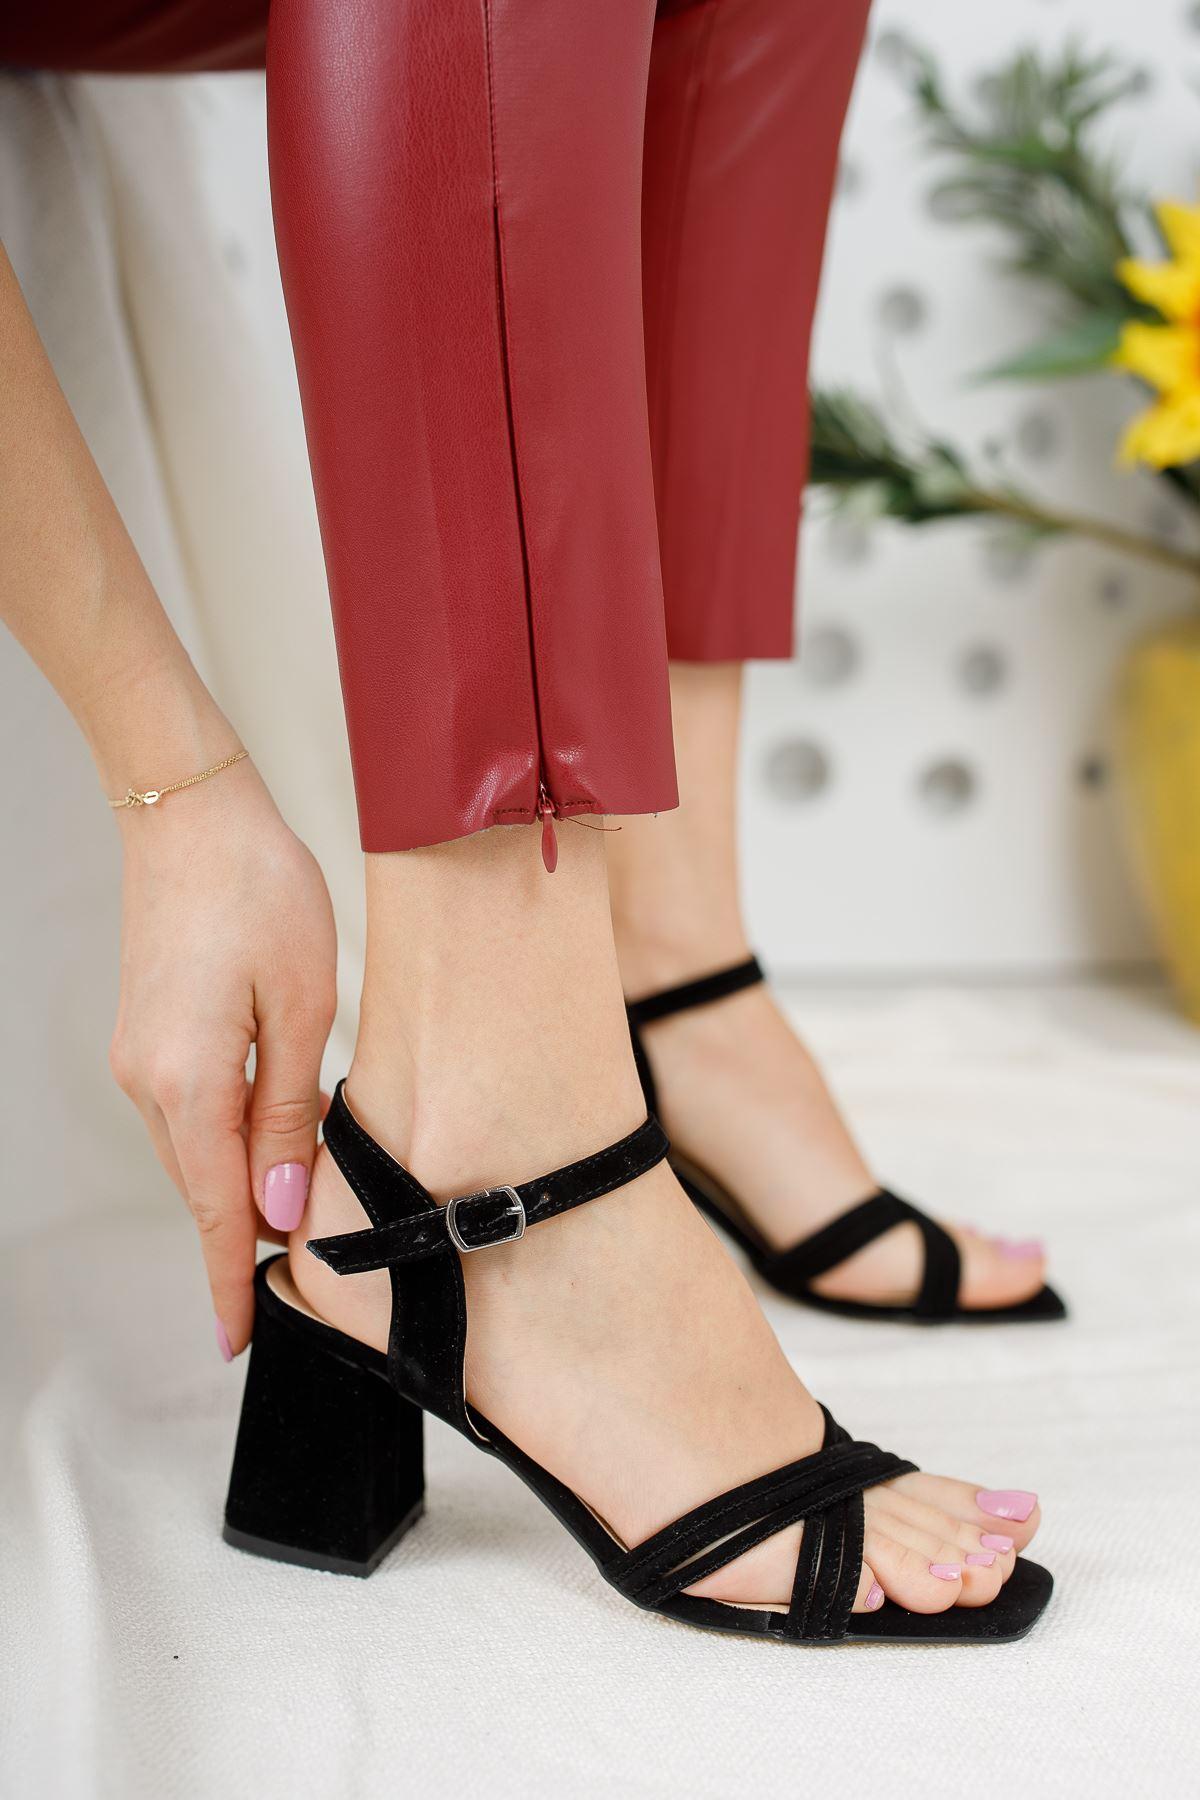 Kadın Yuli Kısa Topuklu Çapraz Biyeli Siyah Süet Topuklu Ayakkabı